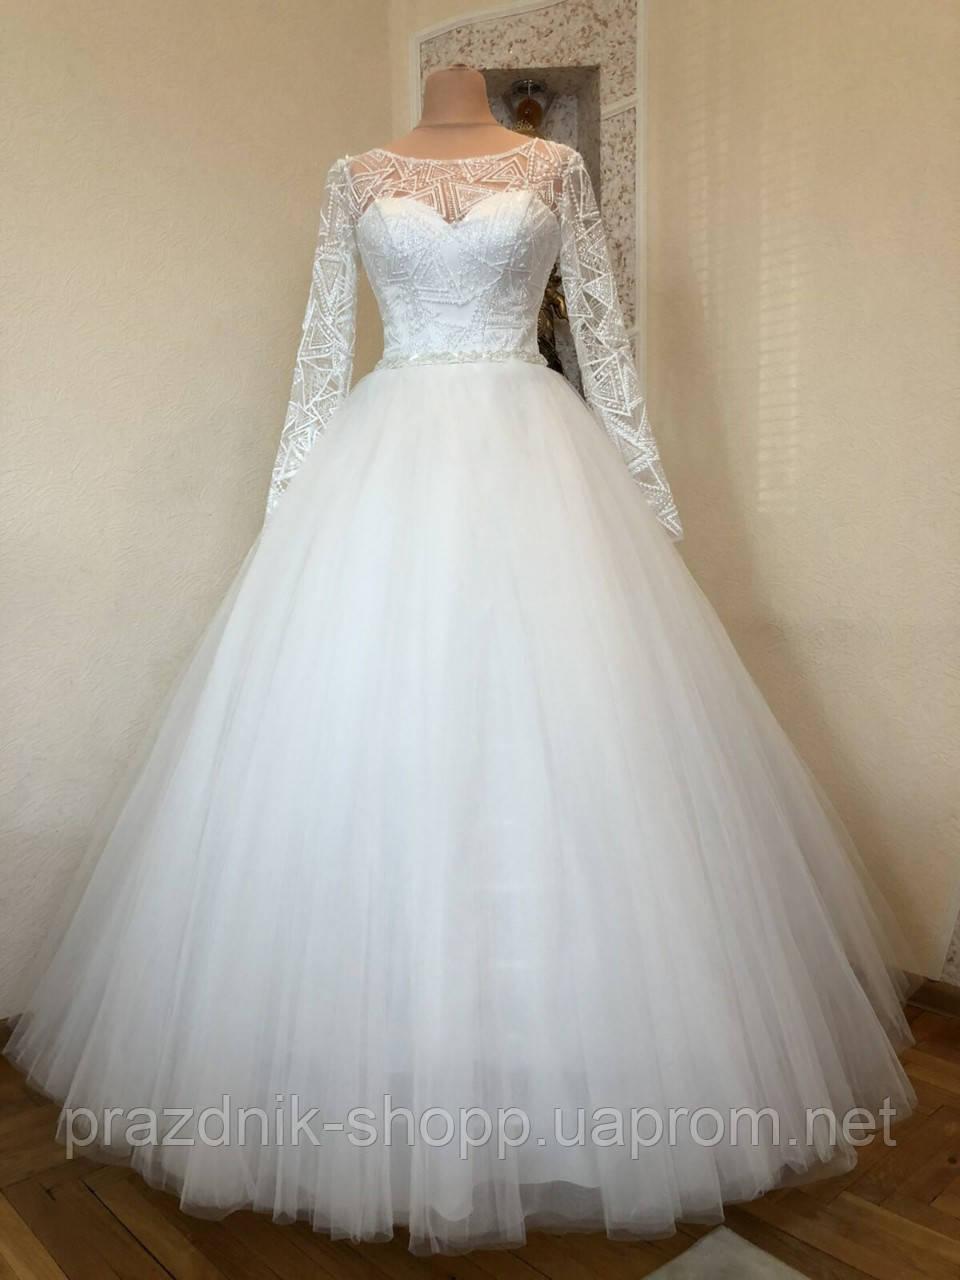 Платье свадебное. Размер 46